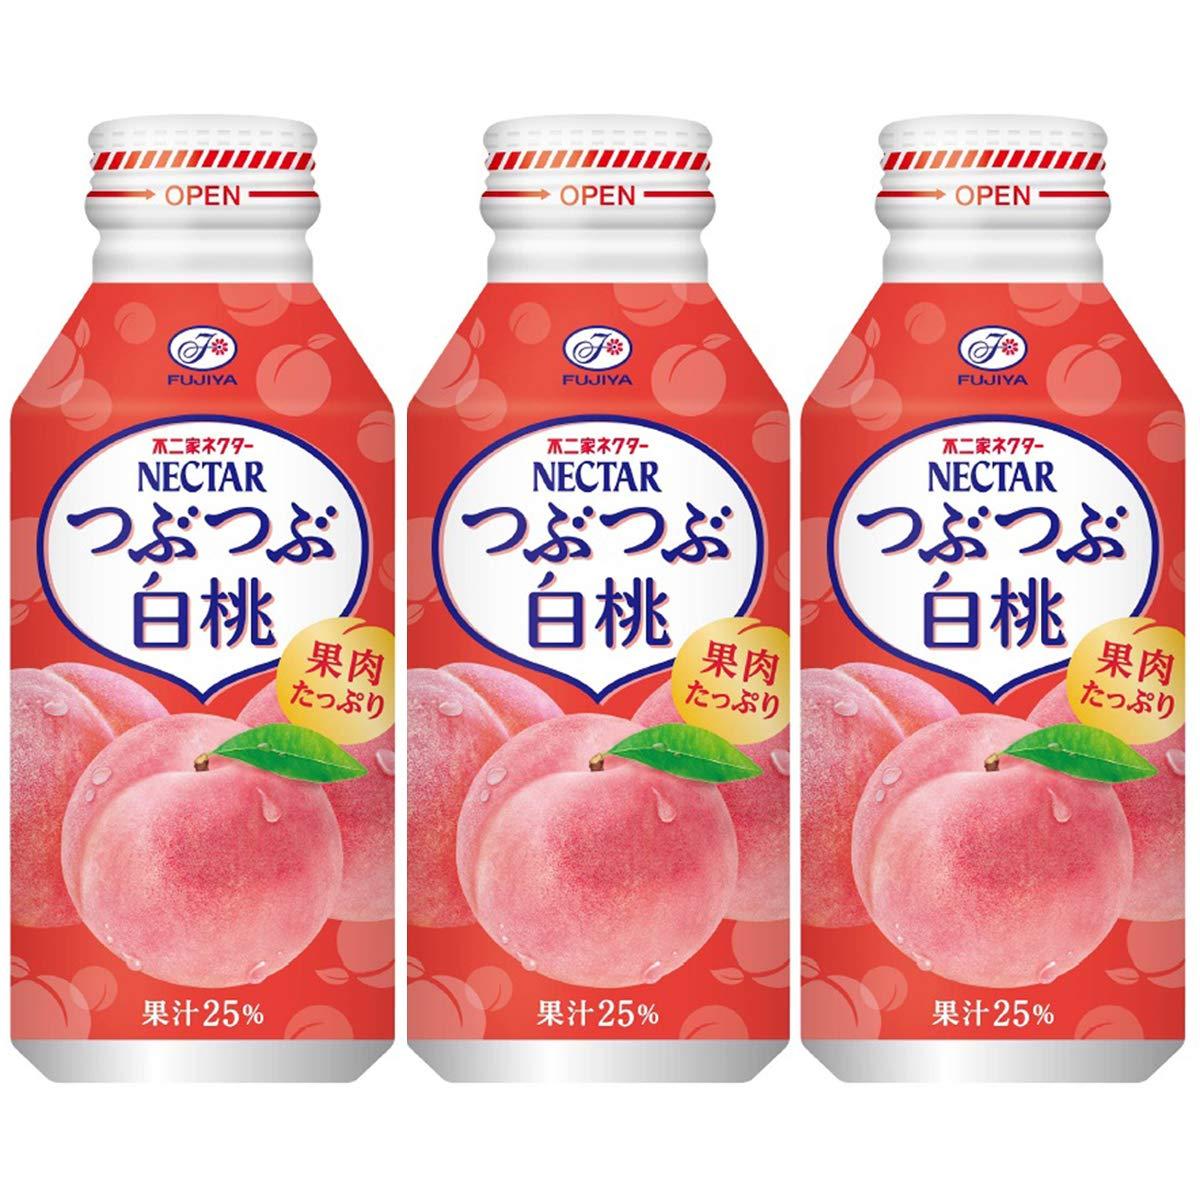 果汁 日本 白桃果汁 380毫升 日本製造進口